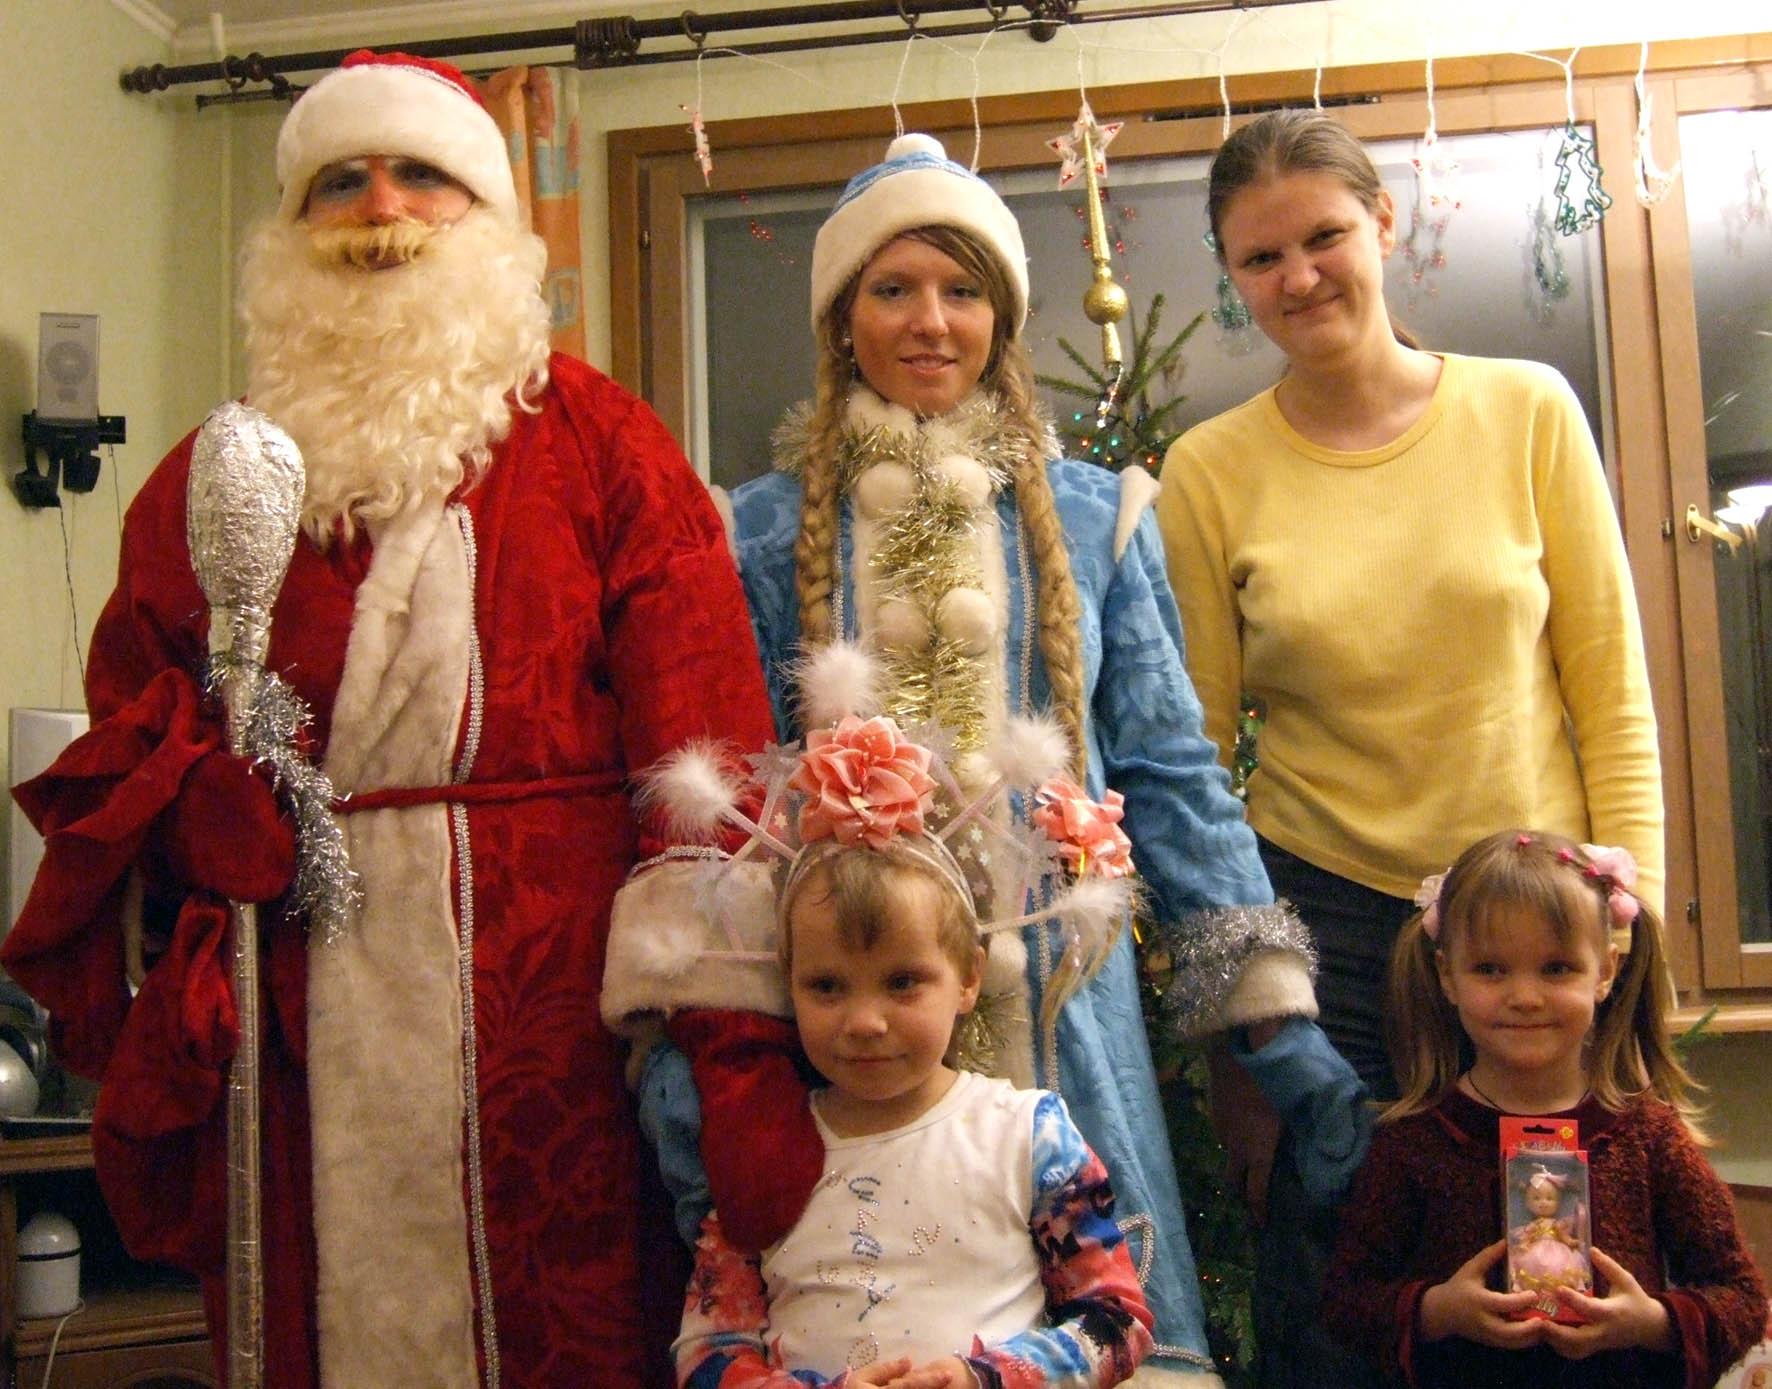 И маленьким и большим в Новый год нужен Дед Мороз!. Наша дружная семья - праздник дома удался!